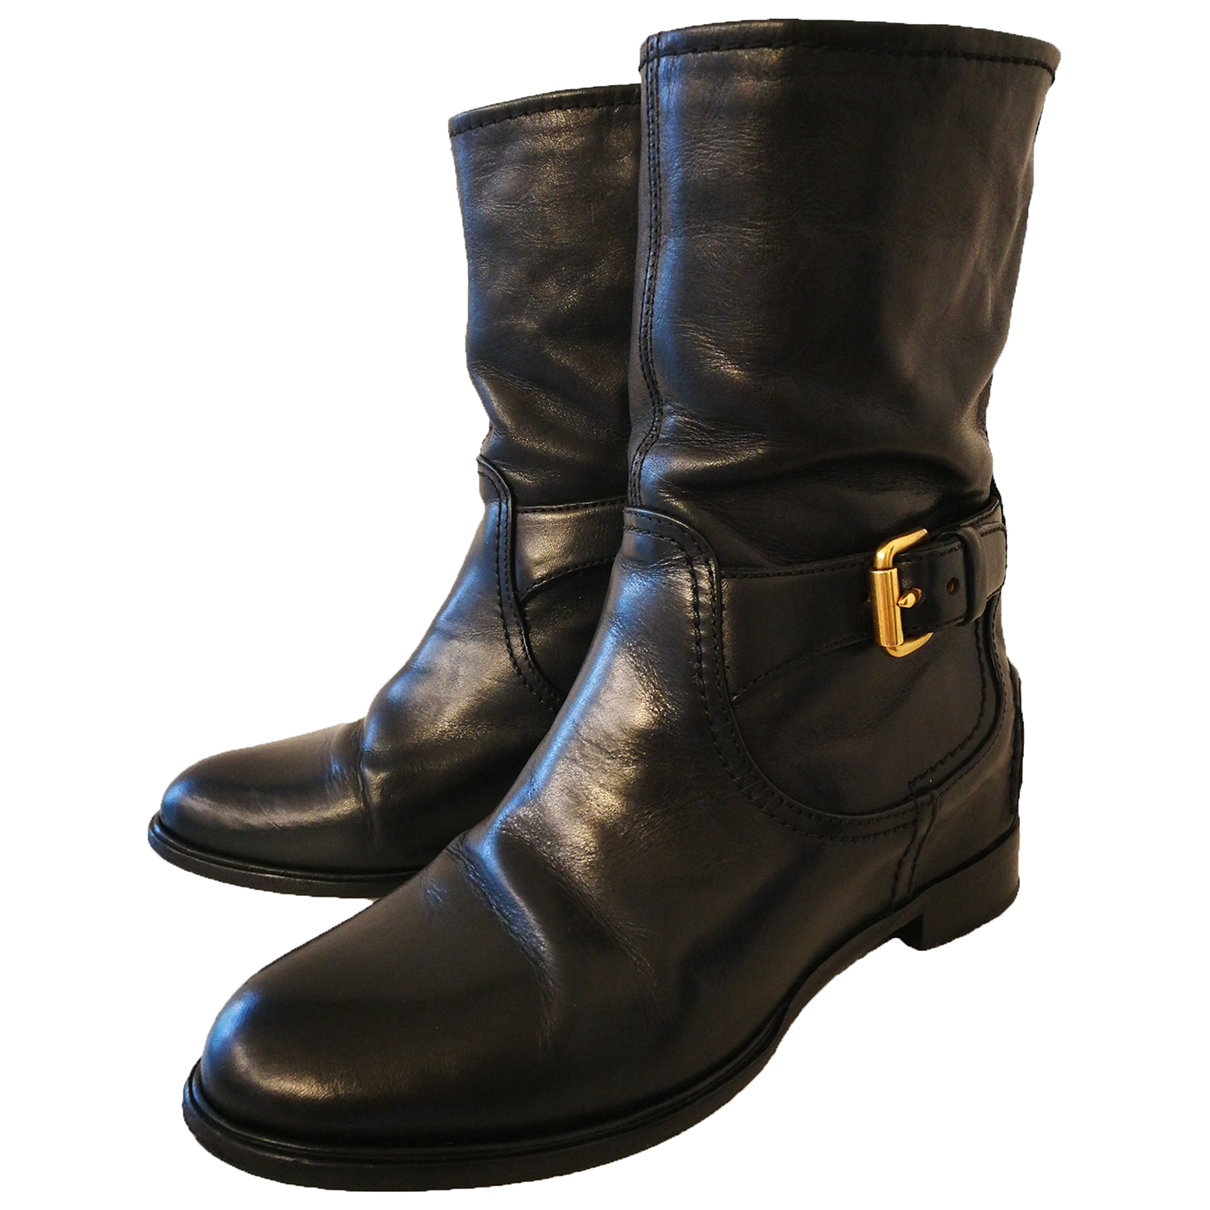 Carshoe \N Stiefeletten in  Schwarz Leder